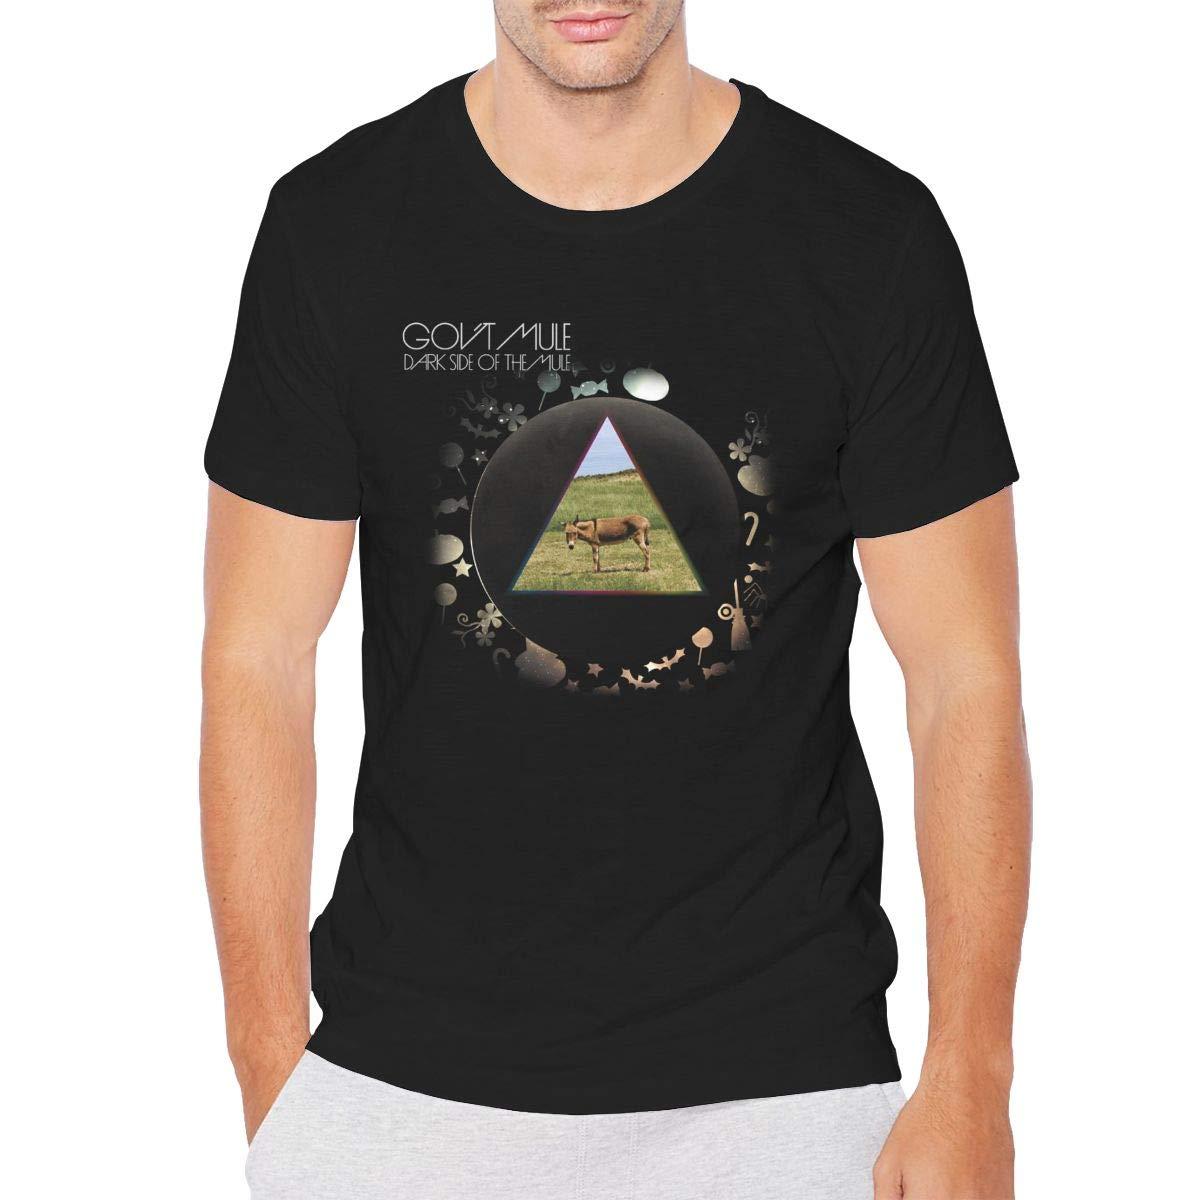 Mens Govt Mule Classic Breathable Short-Sleeve Crewneck Cotton T-Shirt Black